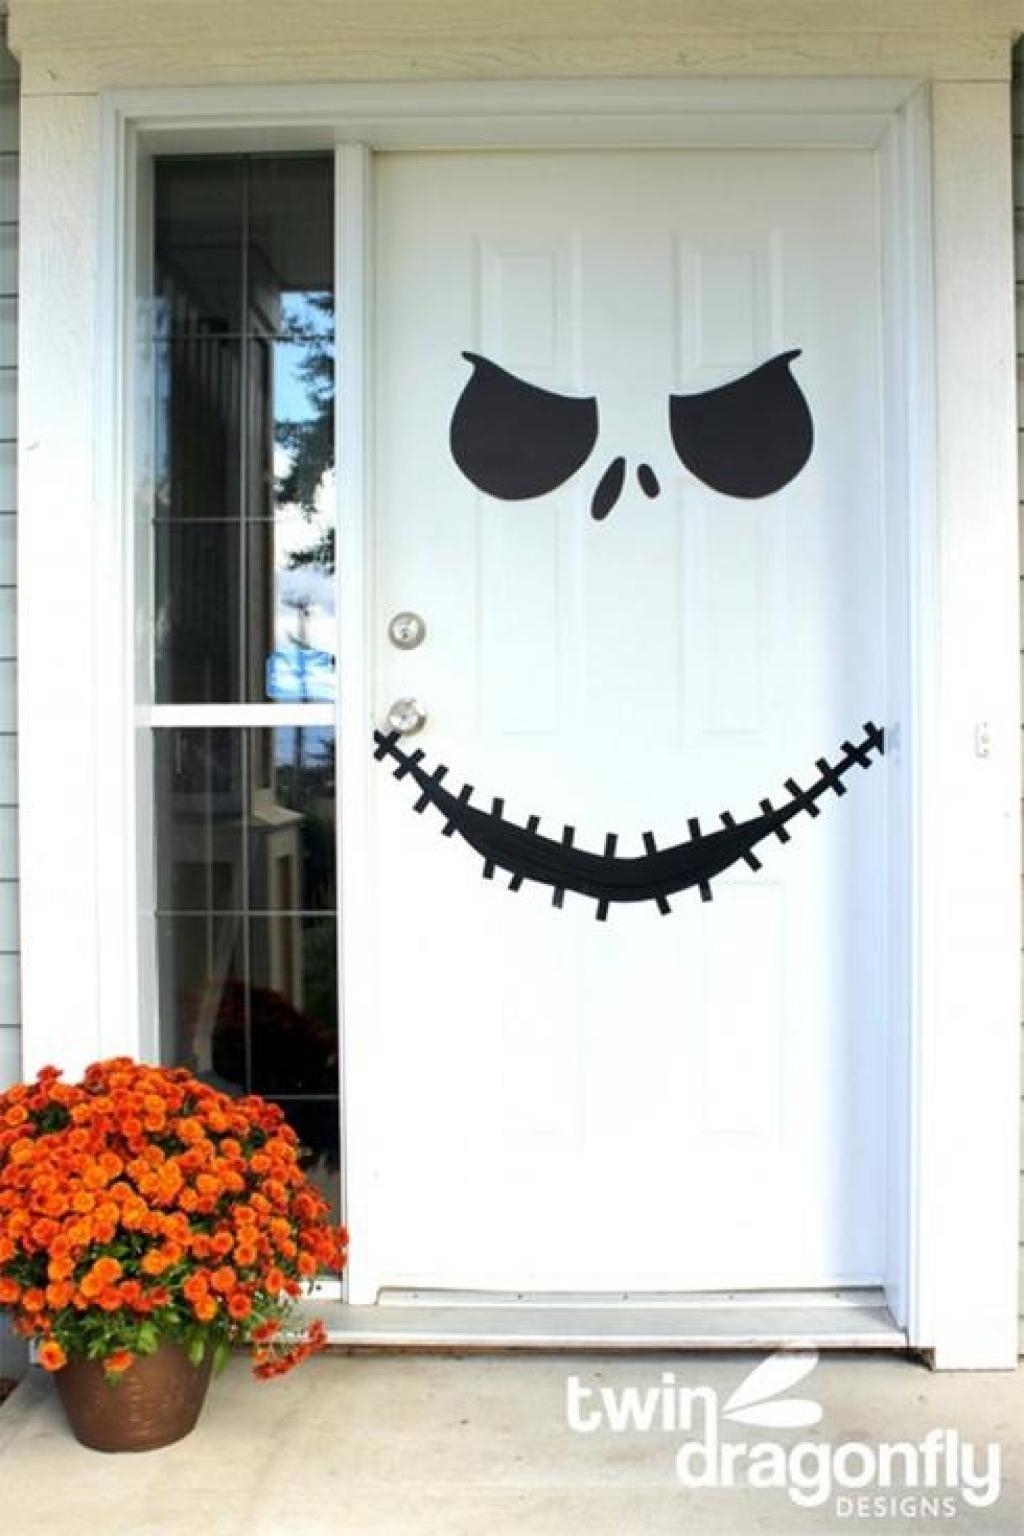 8 bricolages simples et amusants pour pimenter votre Halloween ...